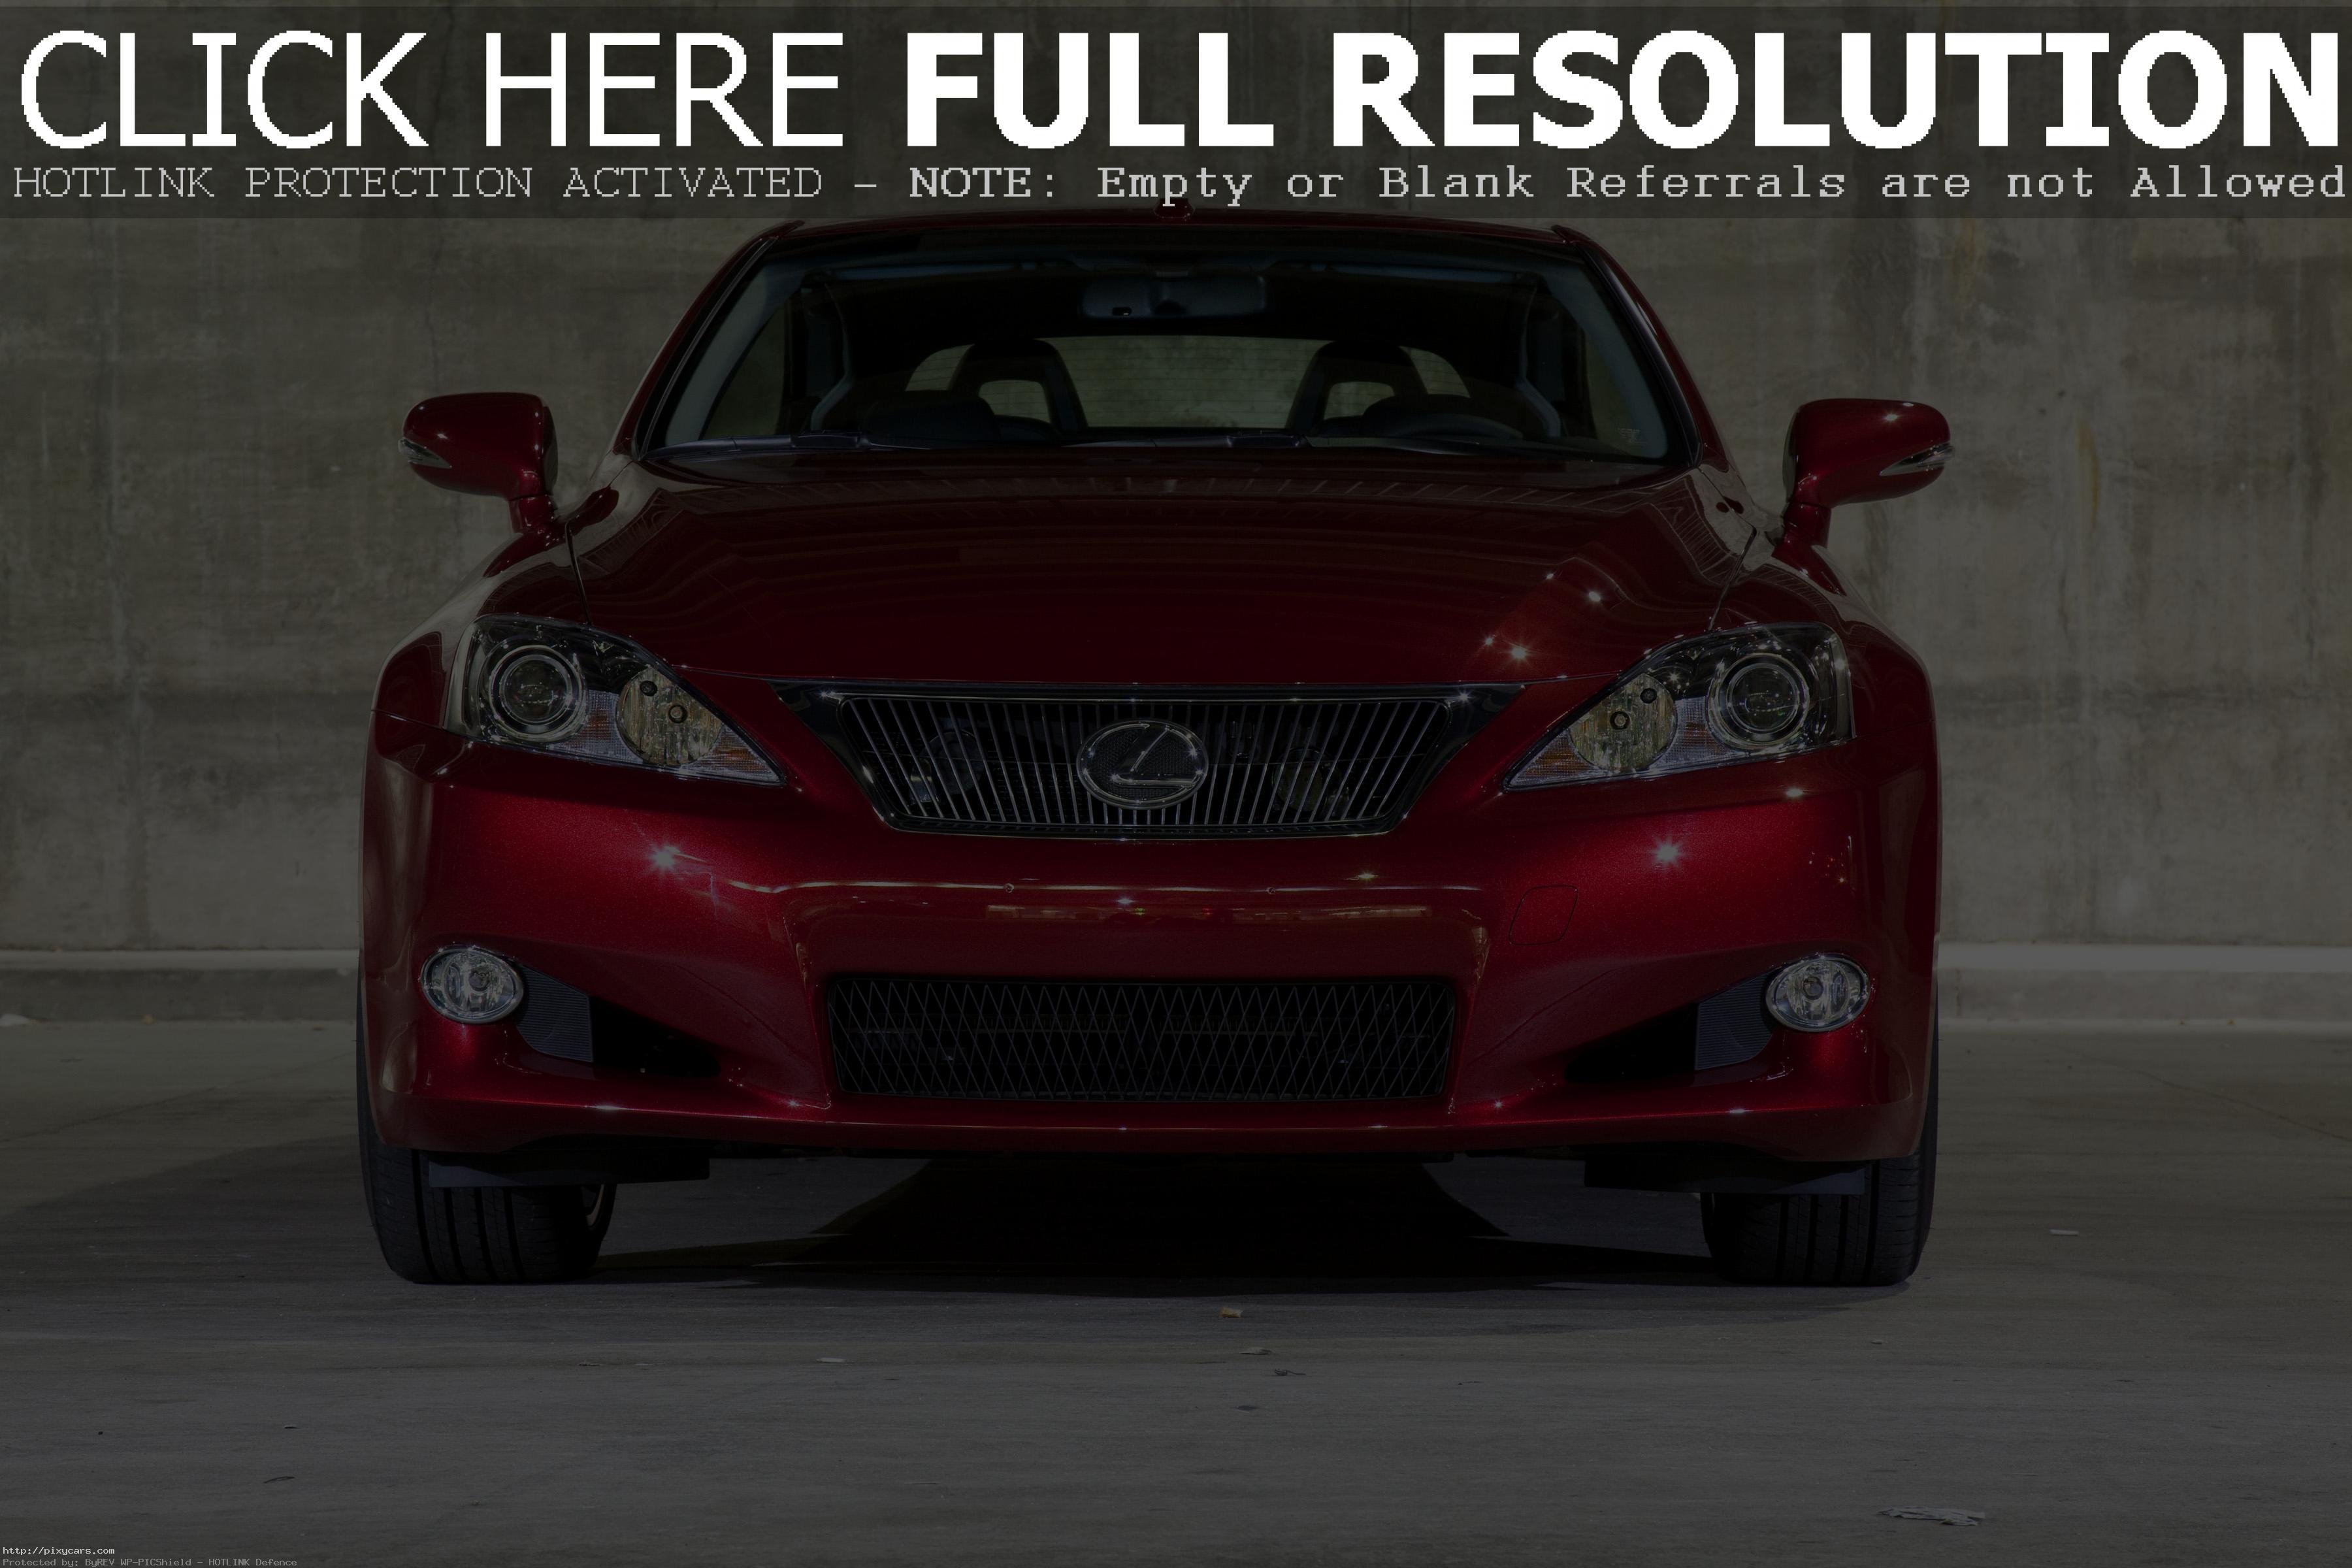 2015 Lexus IS 250 C Front View